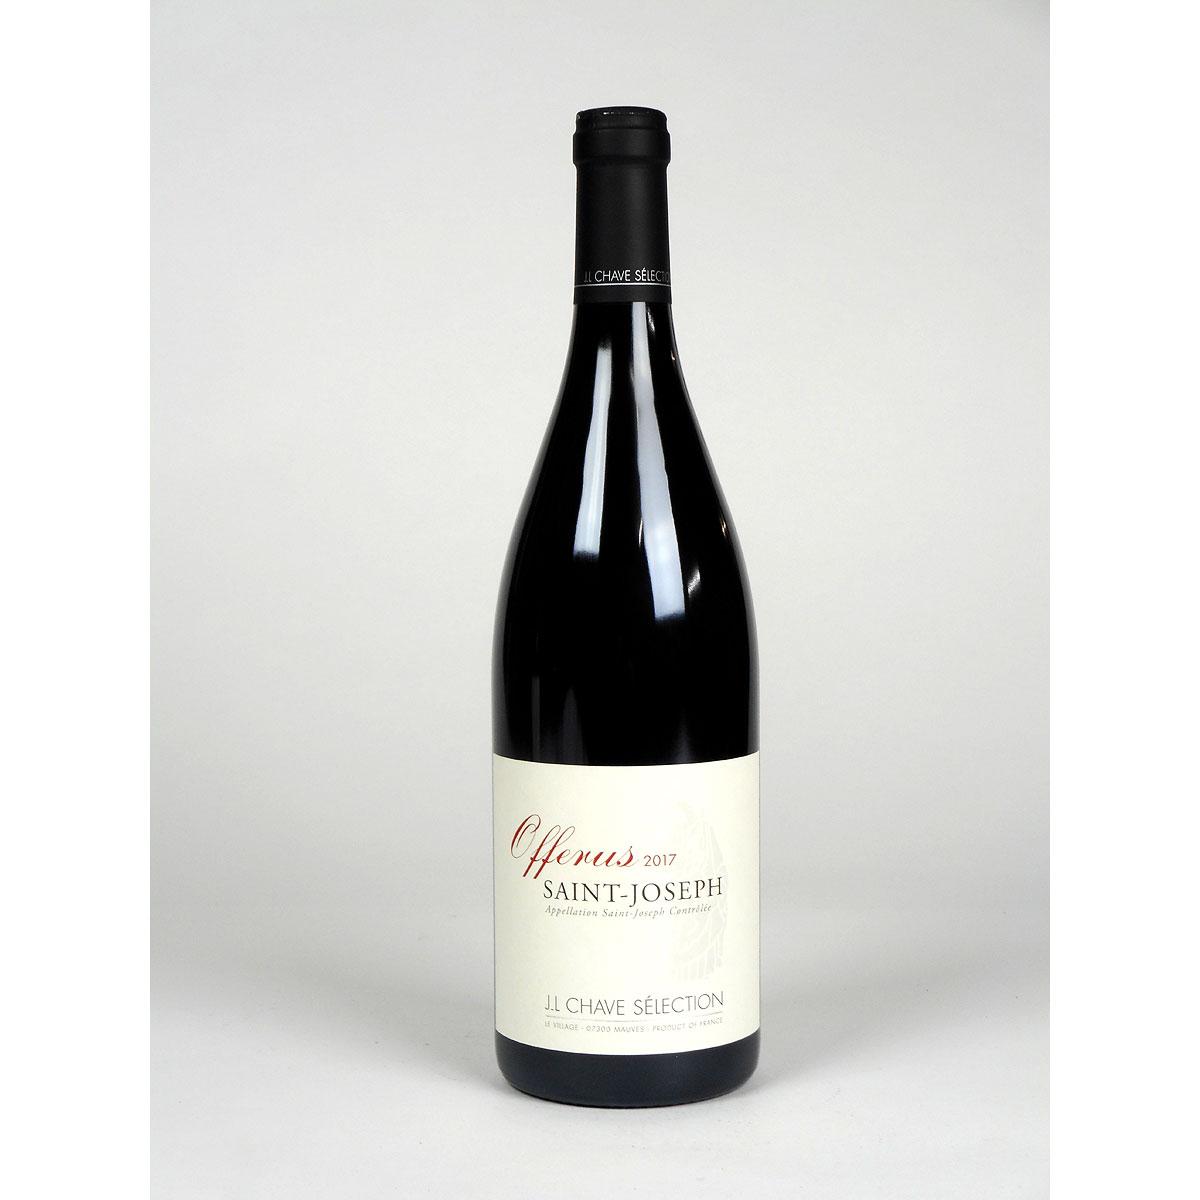 Saint-Joseph: Jean-Louis Chave Sélection 'Offerus' Rouge 2017 - Wine Bottle